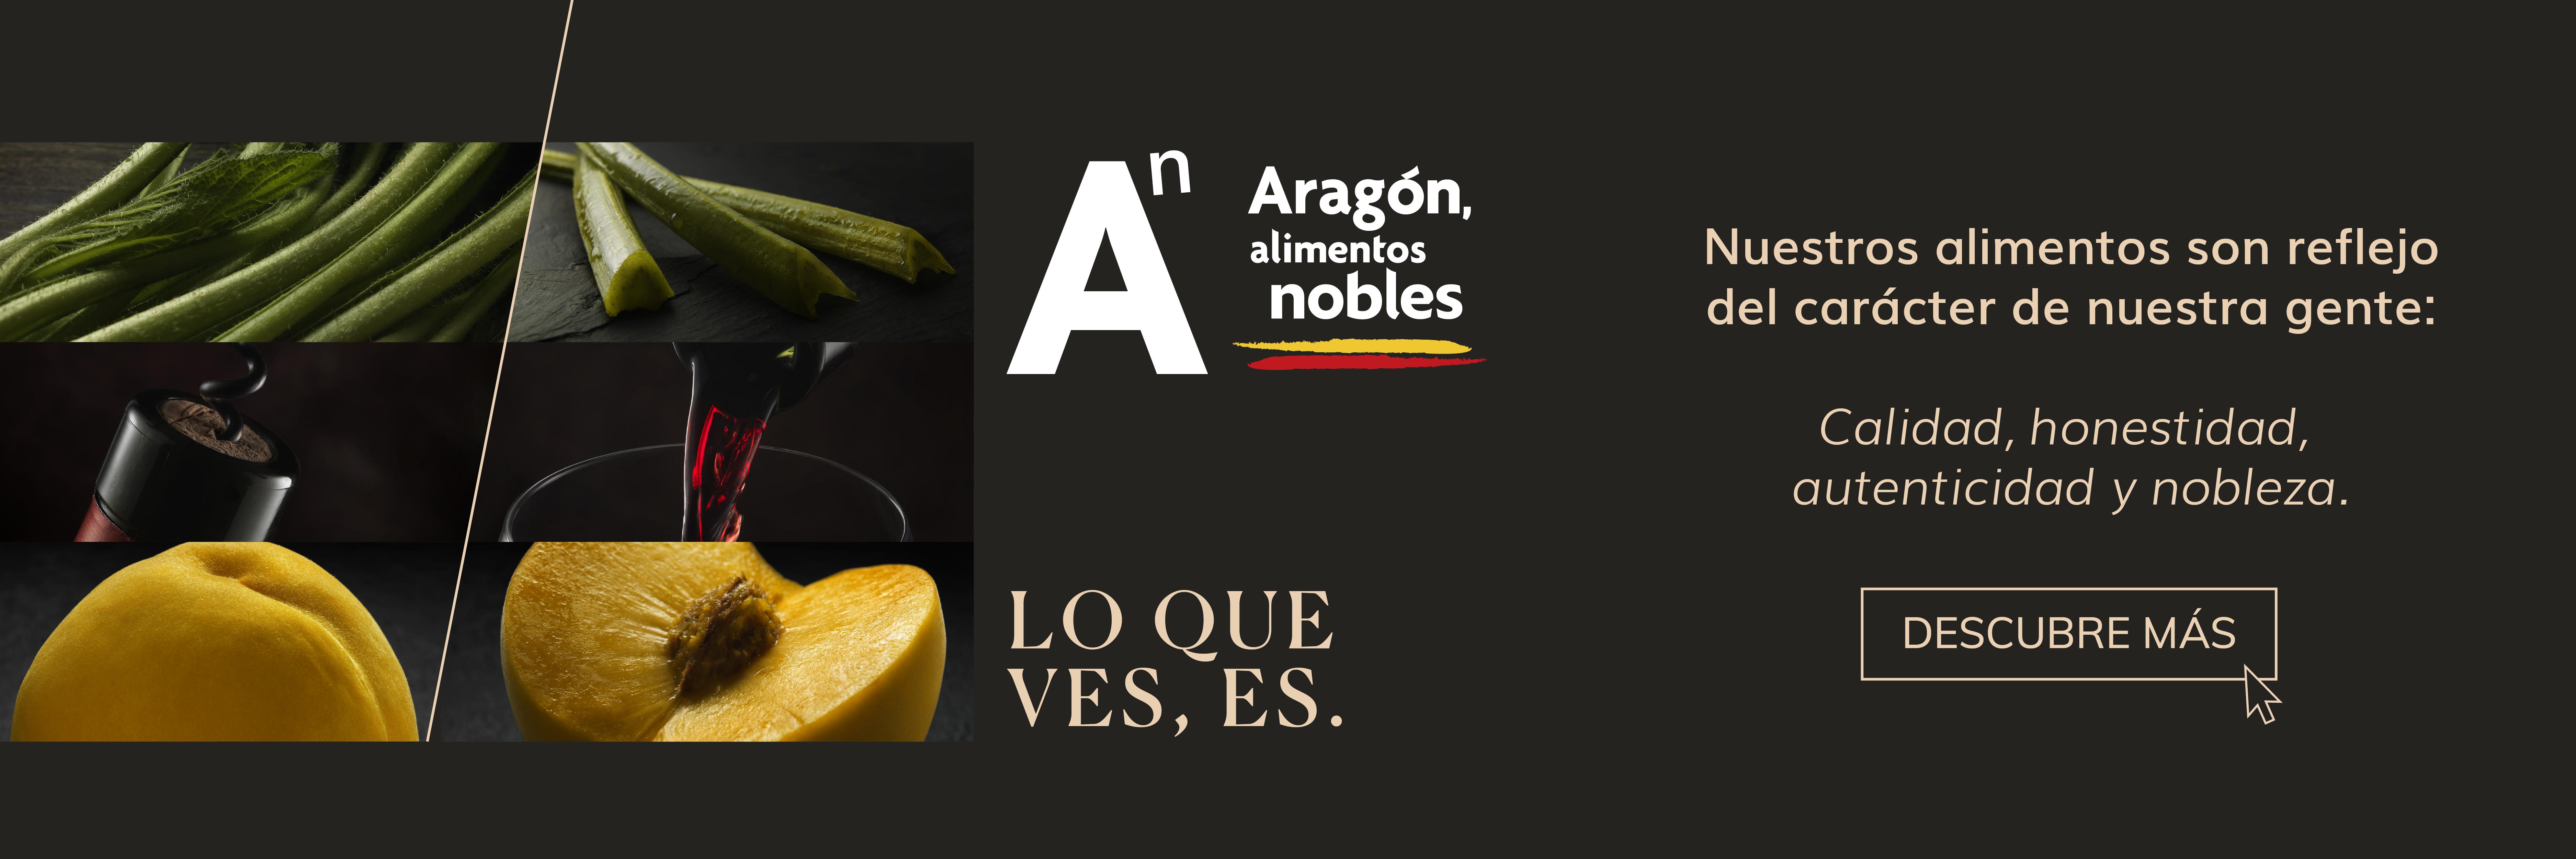 Aragon alimentos nobles